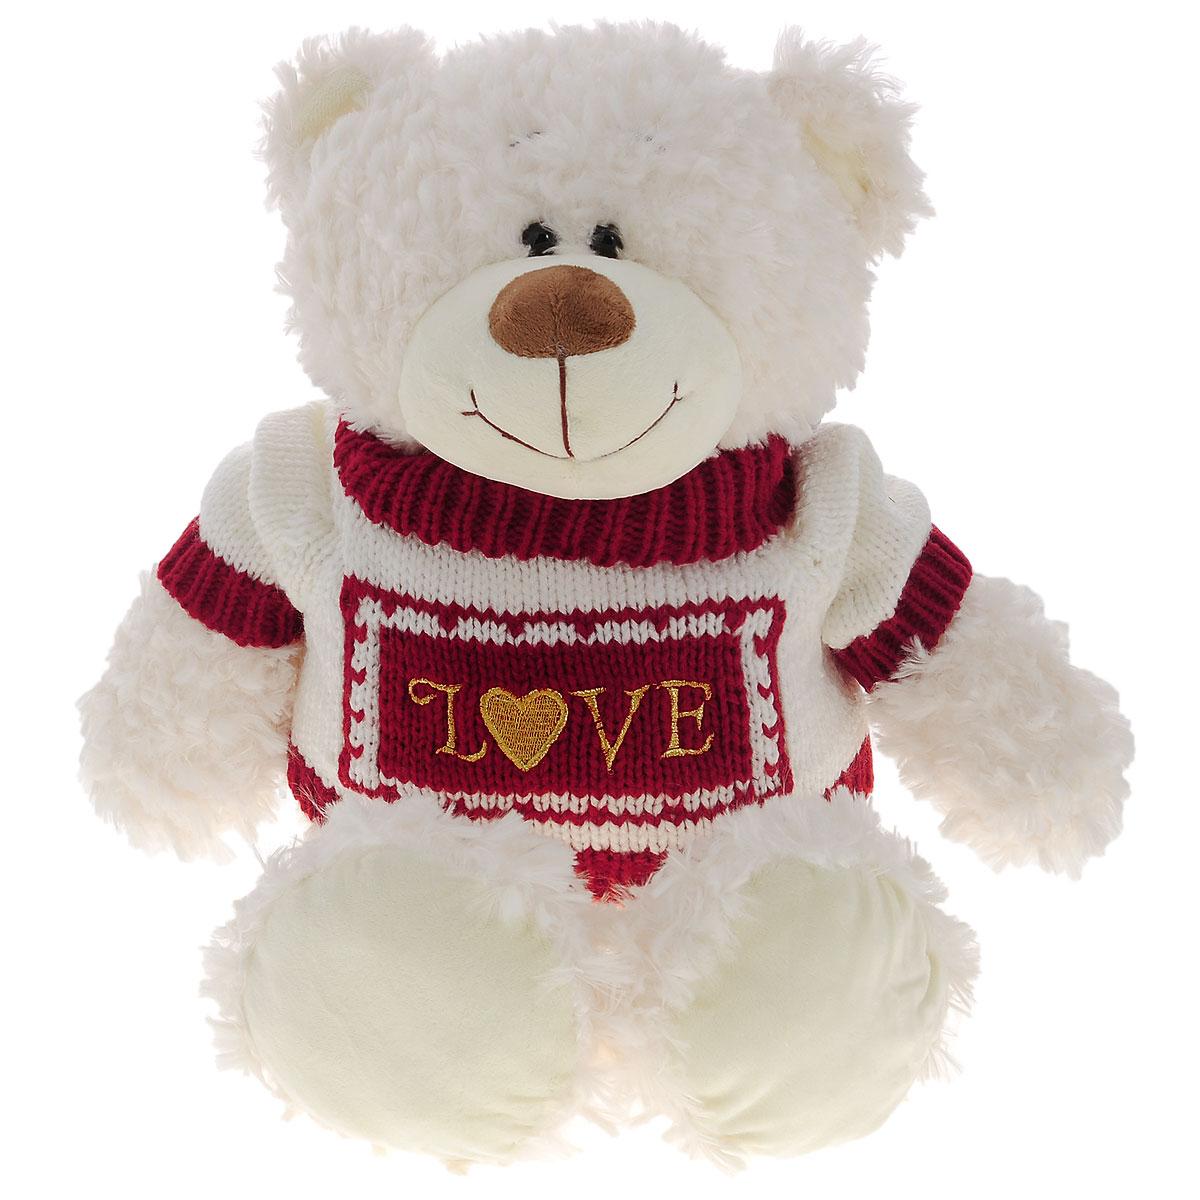 Мягкая игрушка Plush Apple Медведь северный, 50 смK71244FМягкая игрушка Plush Apple Медведь северный обязательно понравится любому ребенку. Изделие изготовлено из приятных на ощупь и очень мягких материалов. Выполнена игрушка в виде милого медведя, одетого в свитер с надписью Love. Специальные гранулы, используемые при ее набивке, способствуют развитию мелкой моторики рук малыша. Такая игрушка вызывает умиление не только у детей, но и у взрослых. Поэтому она станет отличным подарком не только ребенку, но и друзьям.